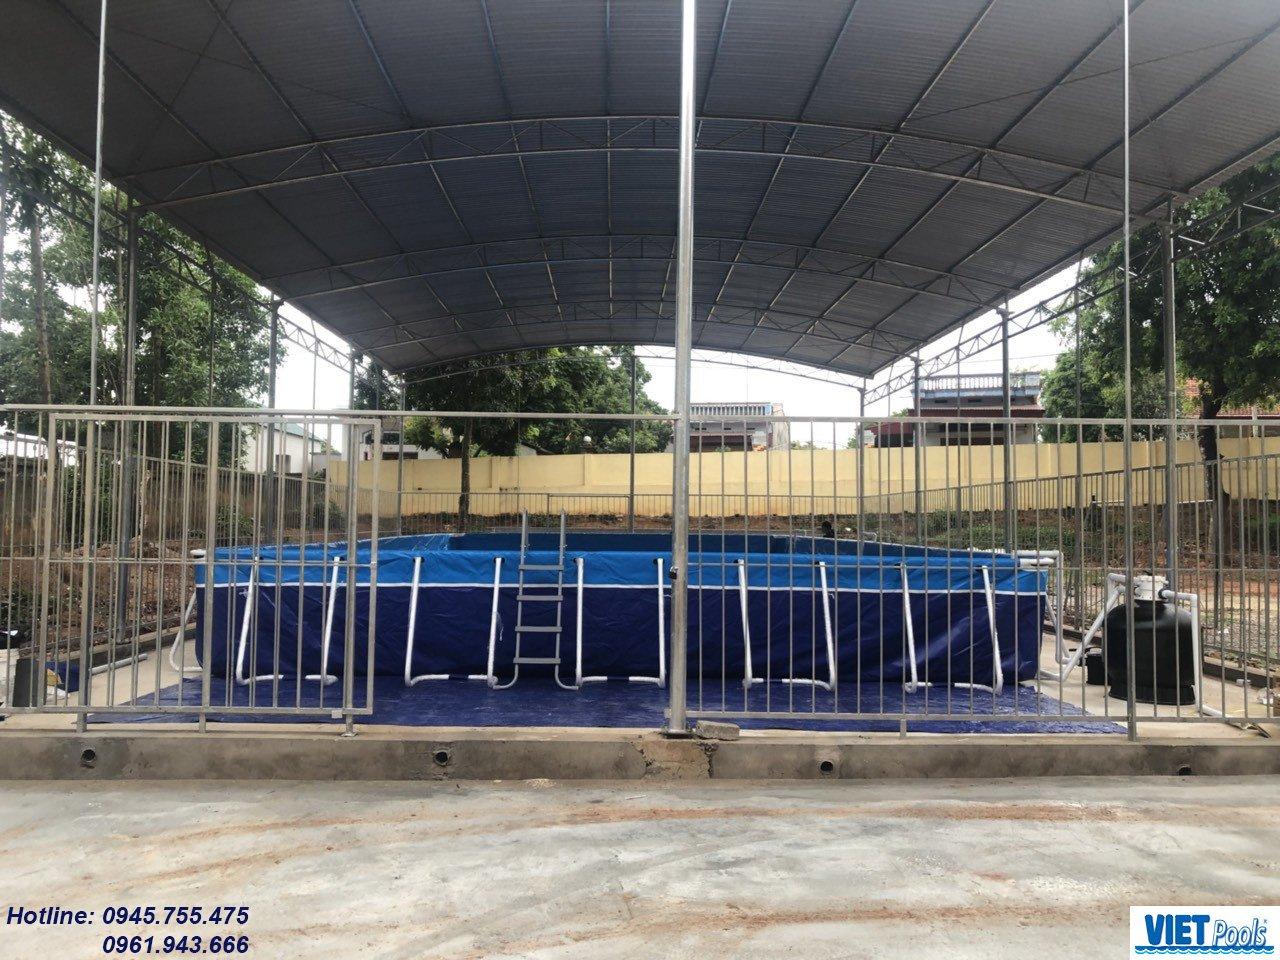 Bể bơi thông minh trường học Việt Pools, Bể bơi lắp ghép trường học Việt Pools